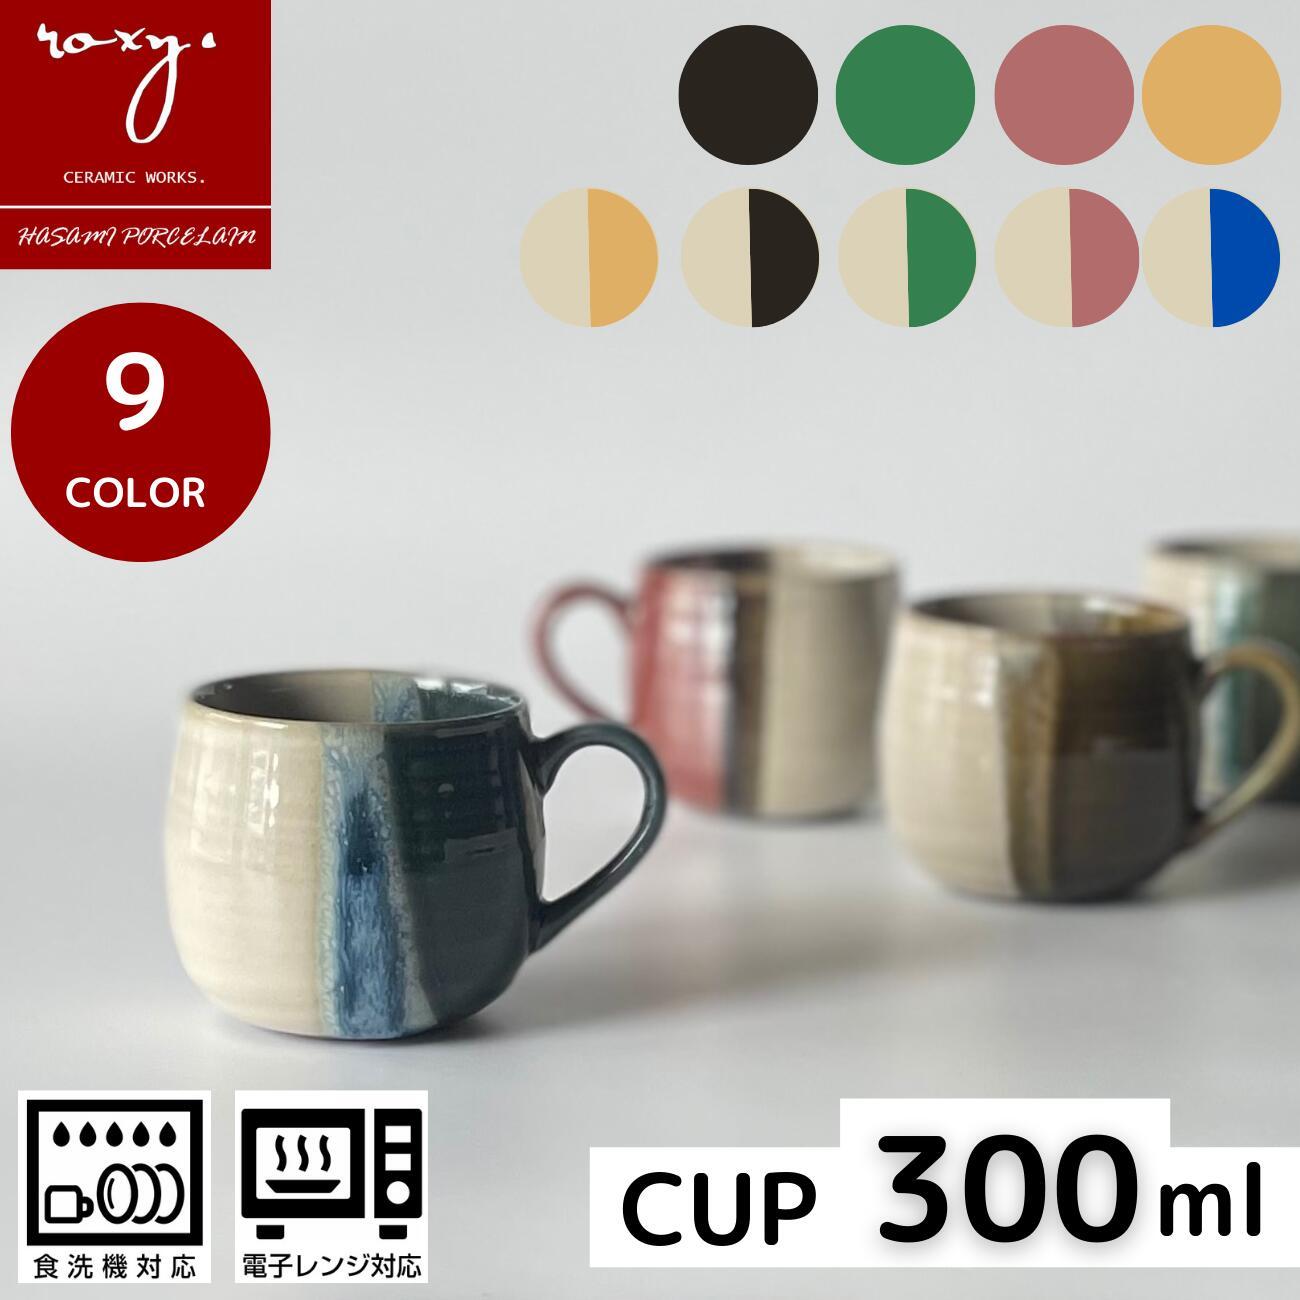 マグカップ 波佐見焼 おしゃれ プレゼント 珈琲カップ 家カフェ 和モダン 店内全品対象 シック ROXY レビューを書けば送料当店負担 公式 北欧 大きい 陶器 コーヒーカップ コーヒー碗 やきもの 男性 女性 敬老の日2021 ココア アンティーク 父の日ギフト 和 ギフト かわいい 実用的